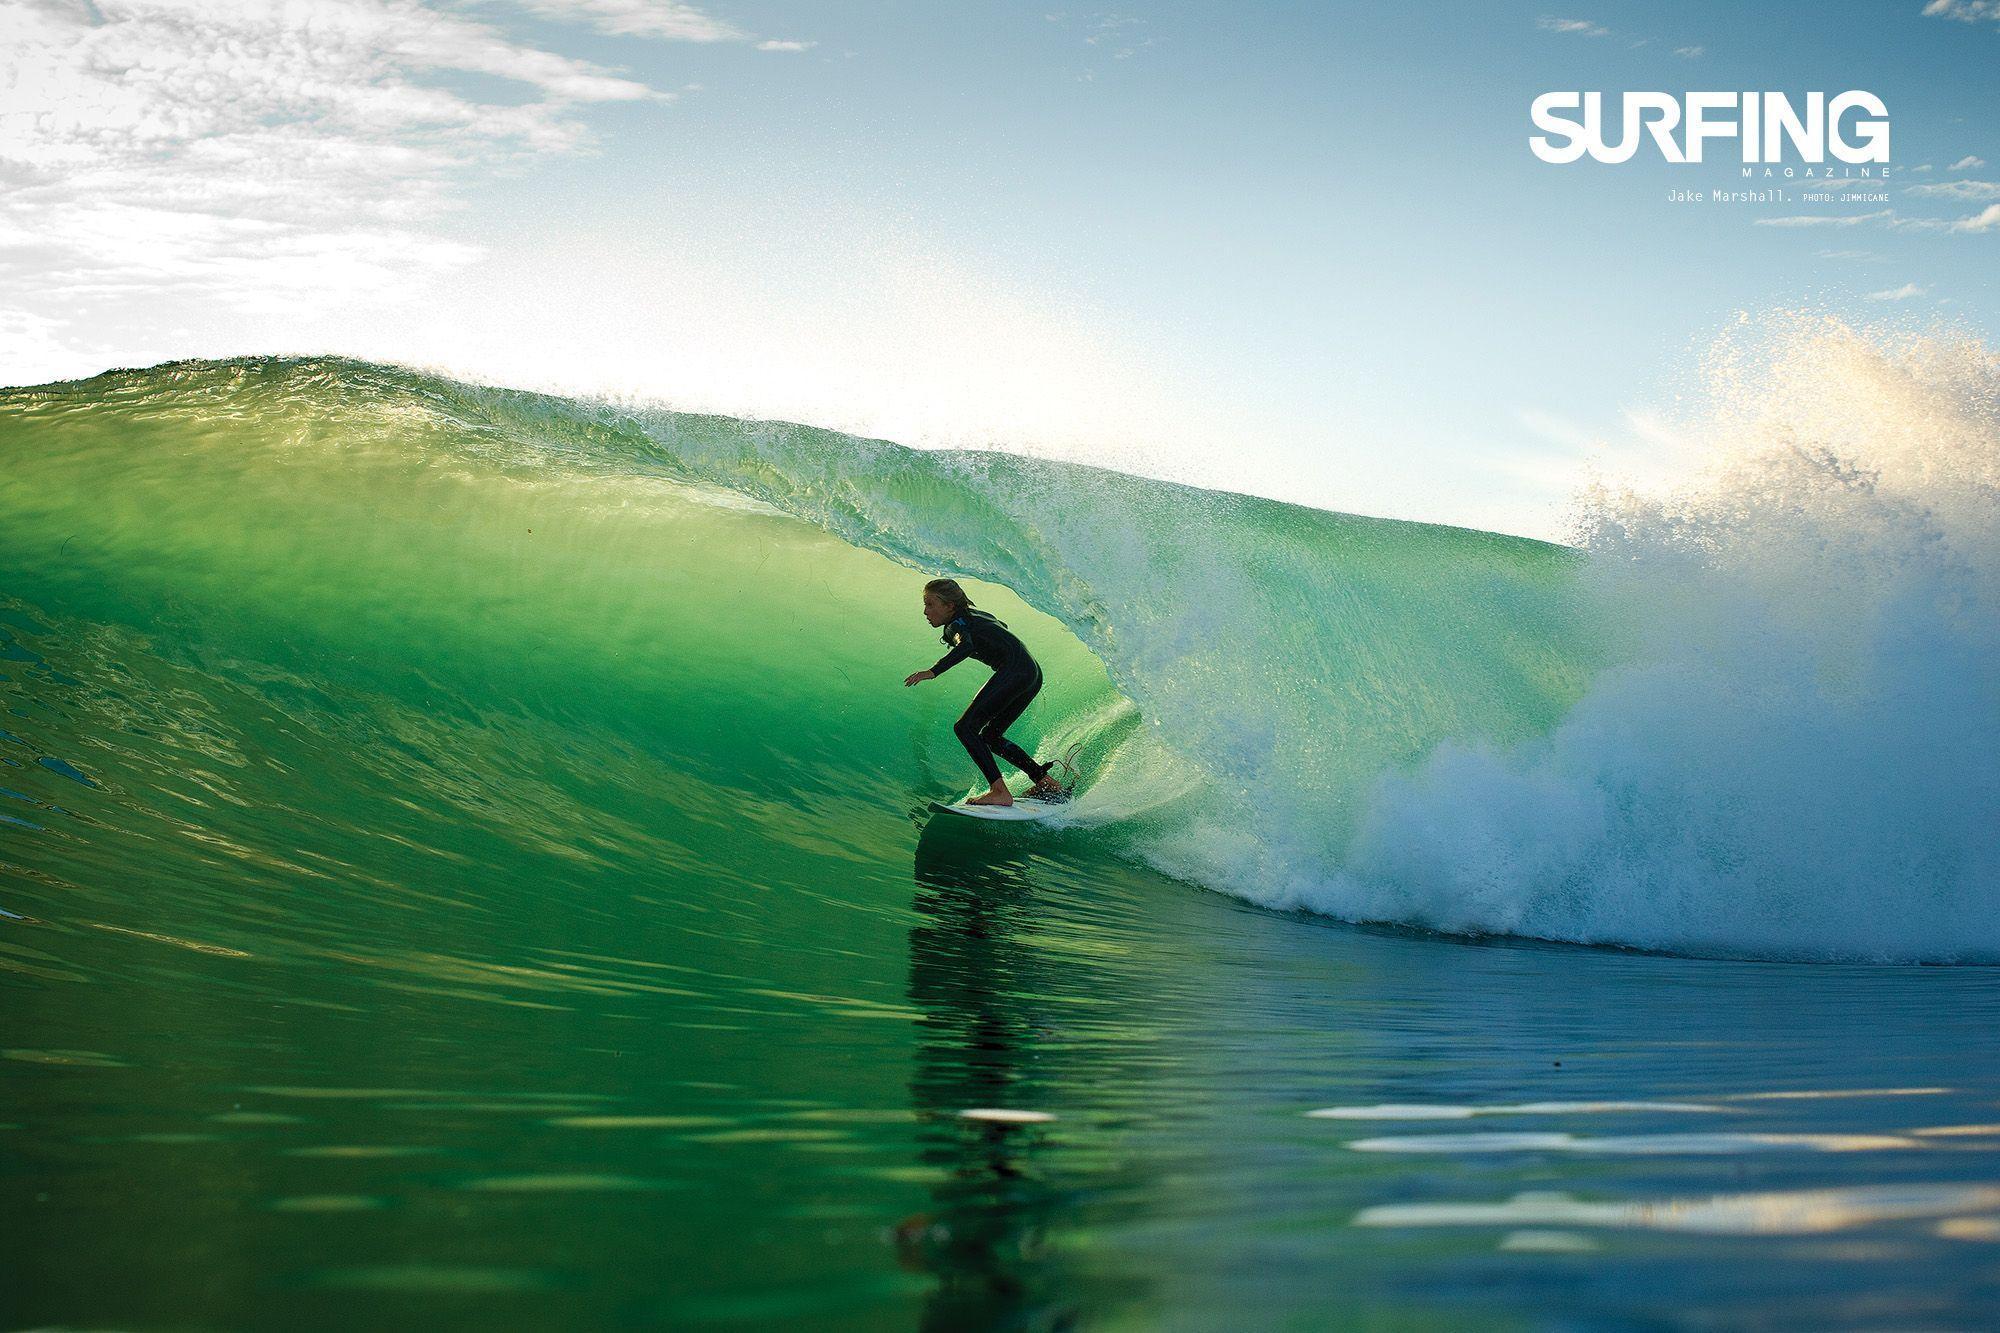 2000x1333 SURFING ...